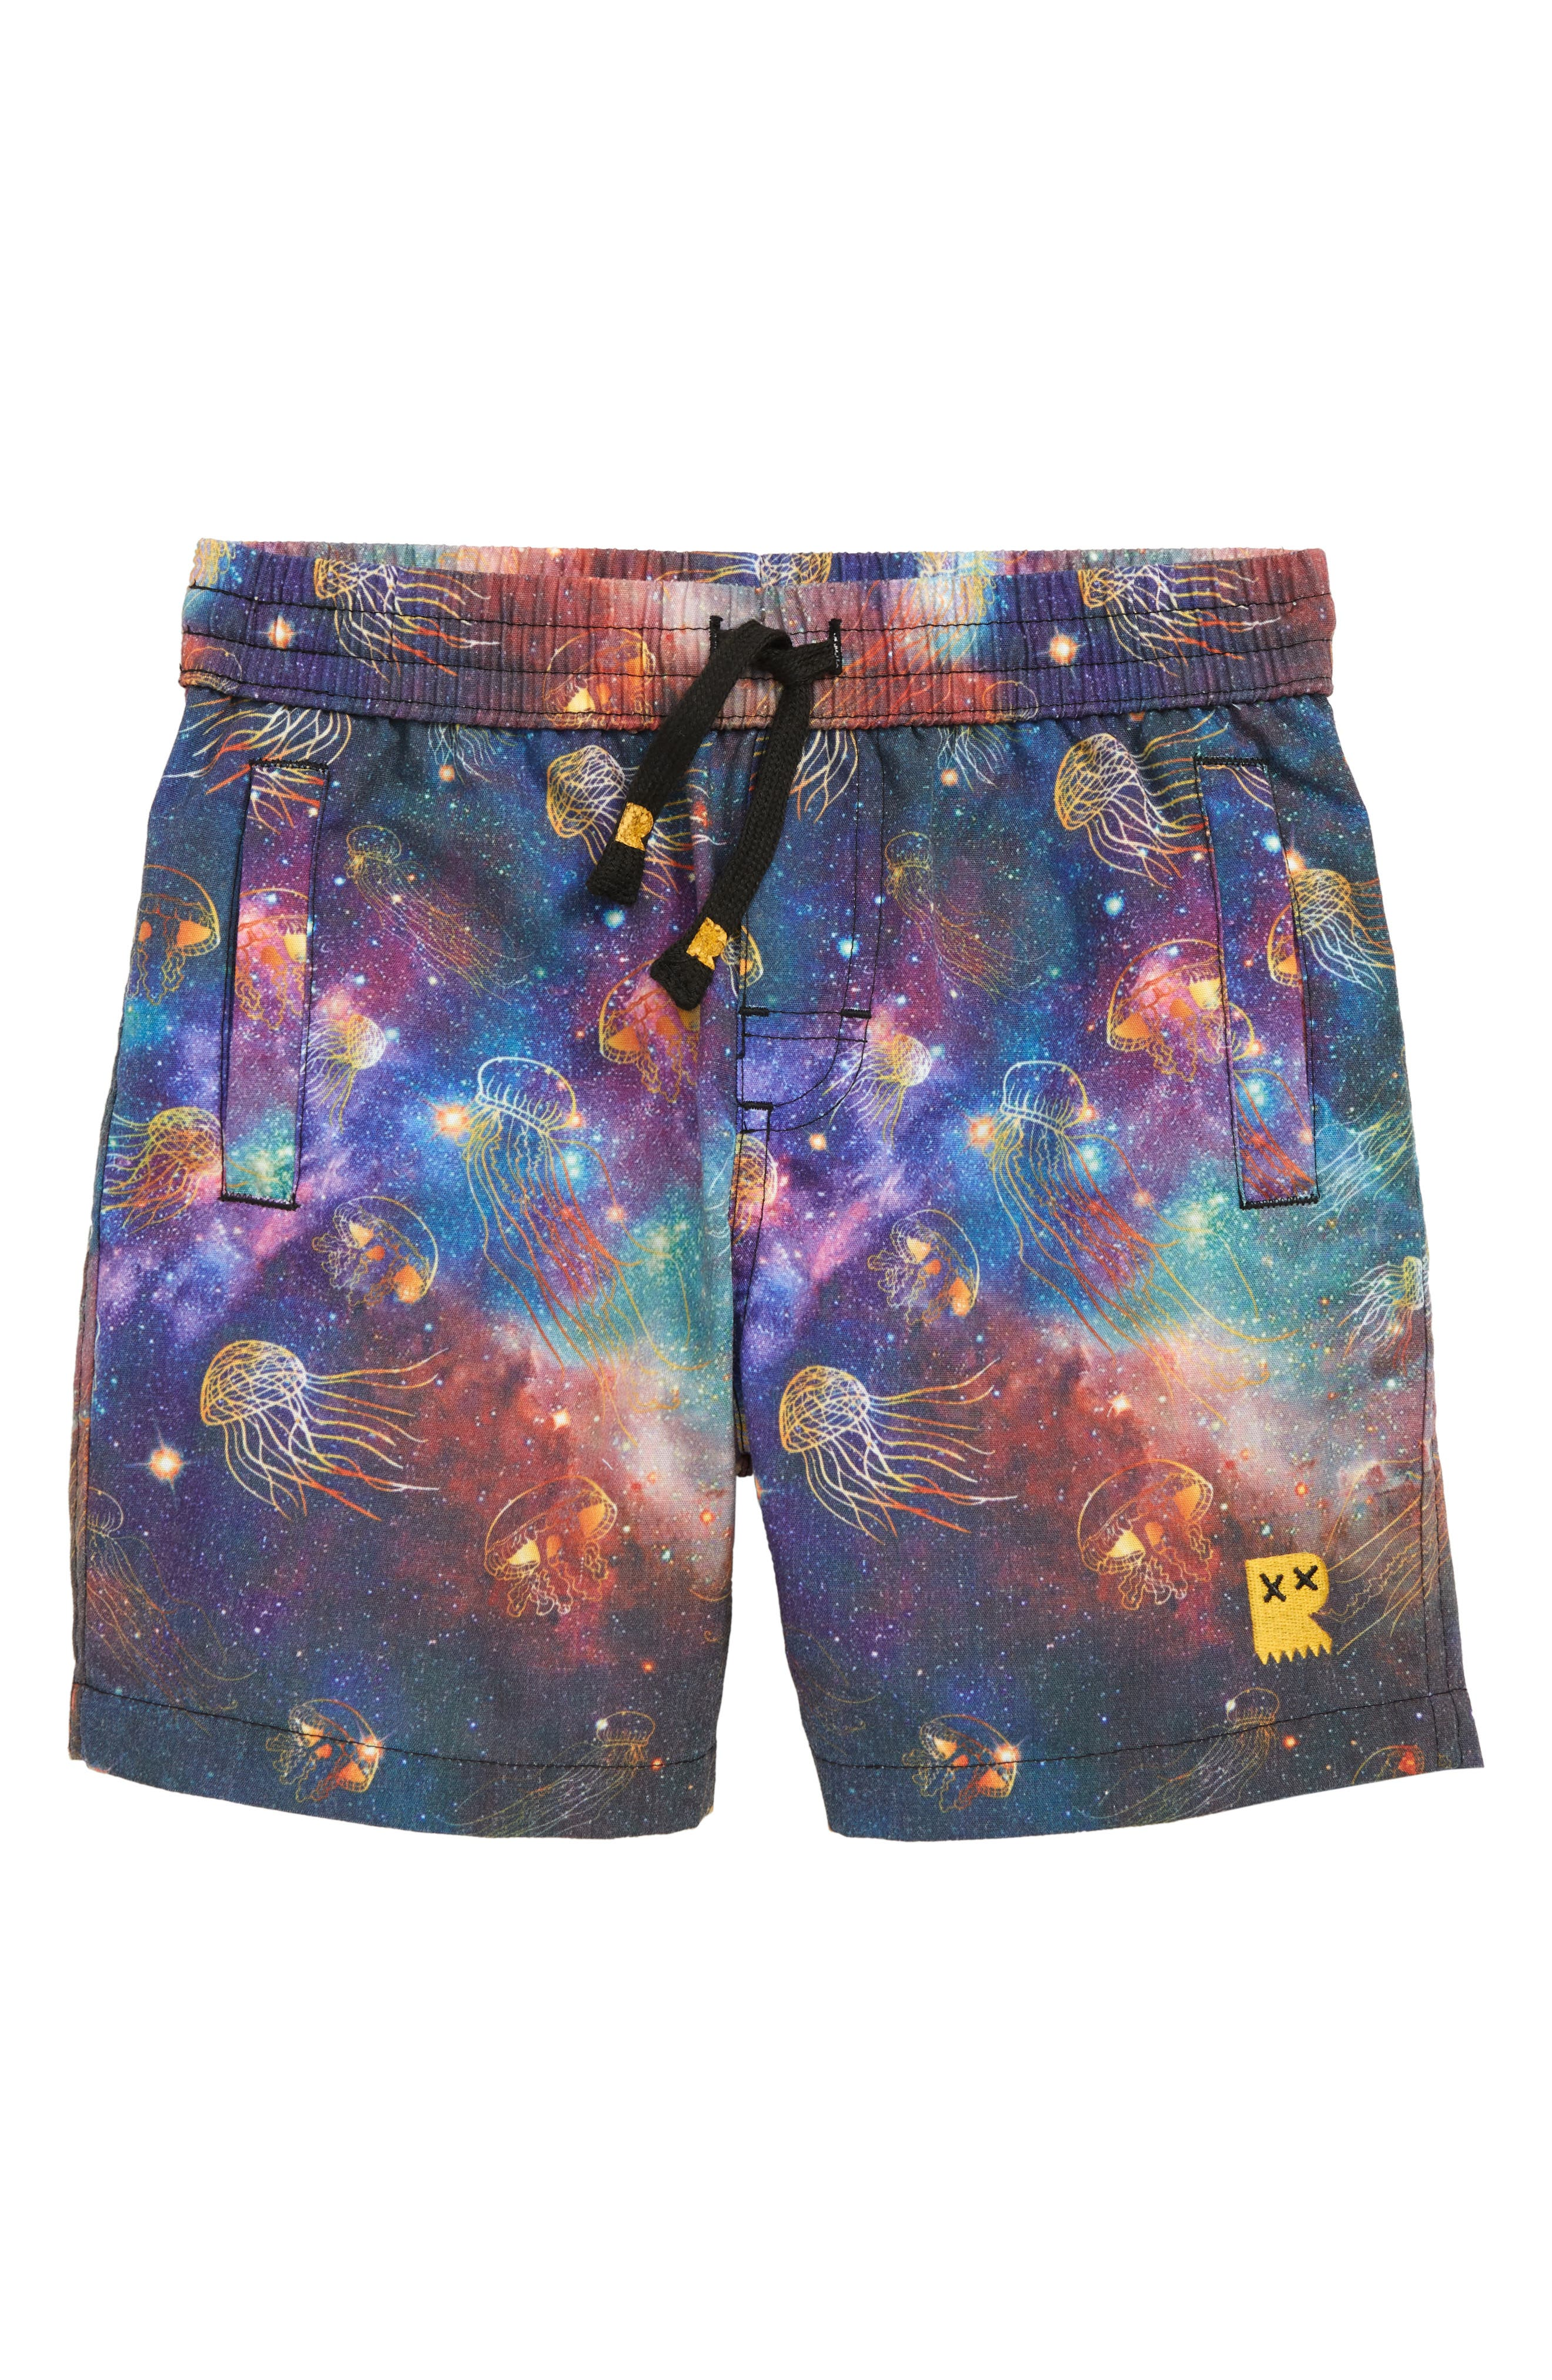 ROCK YOUR KID Intergalactic Board Shorts, Main, color, BLACK